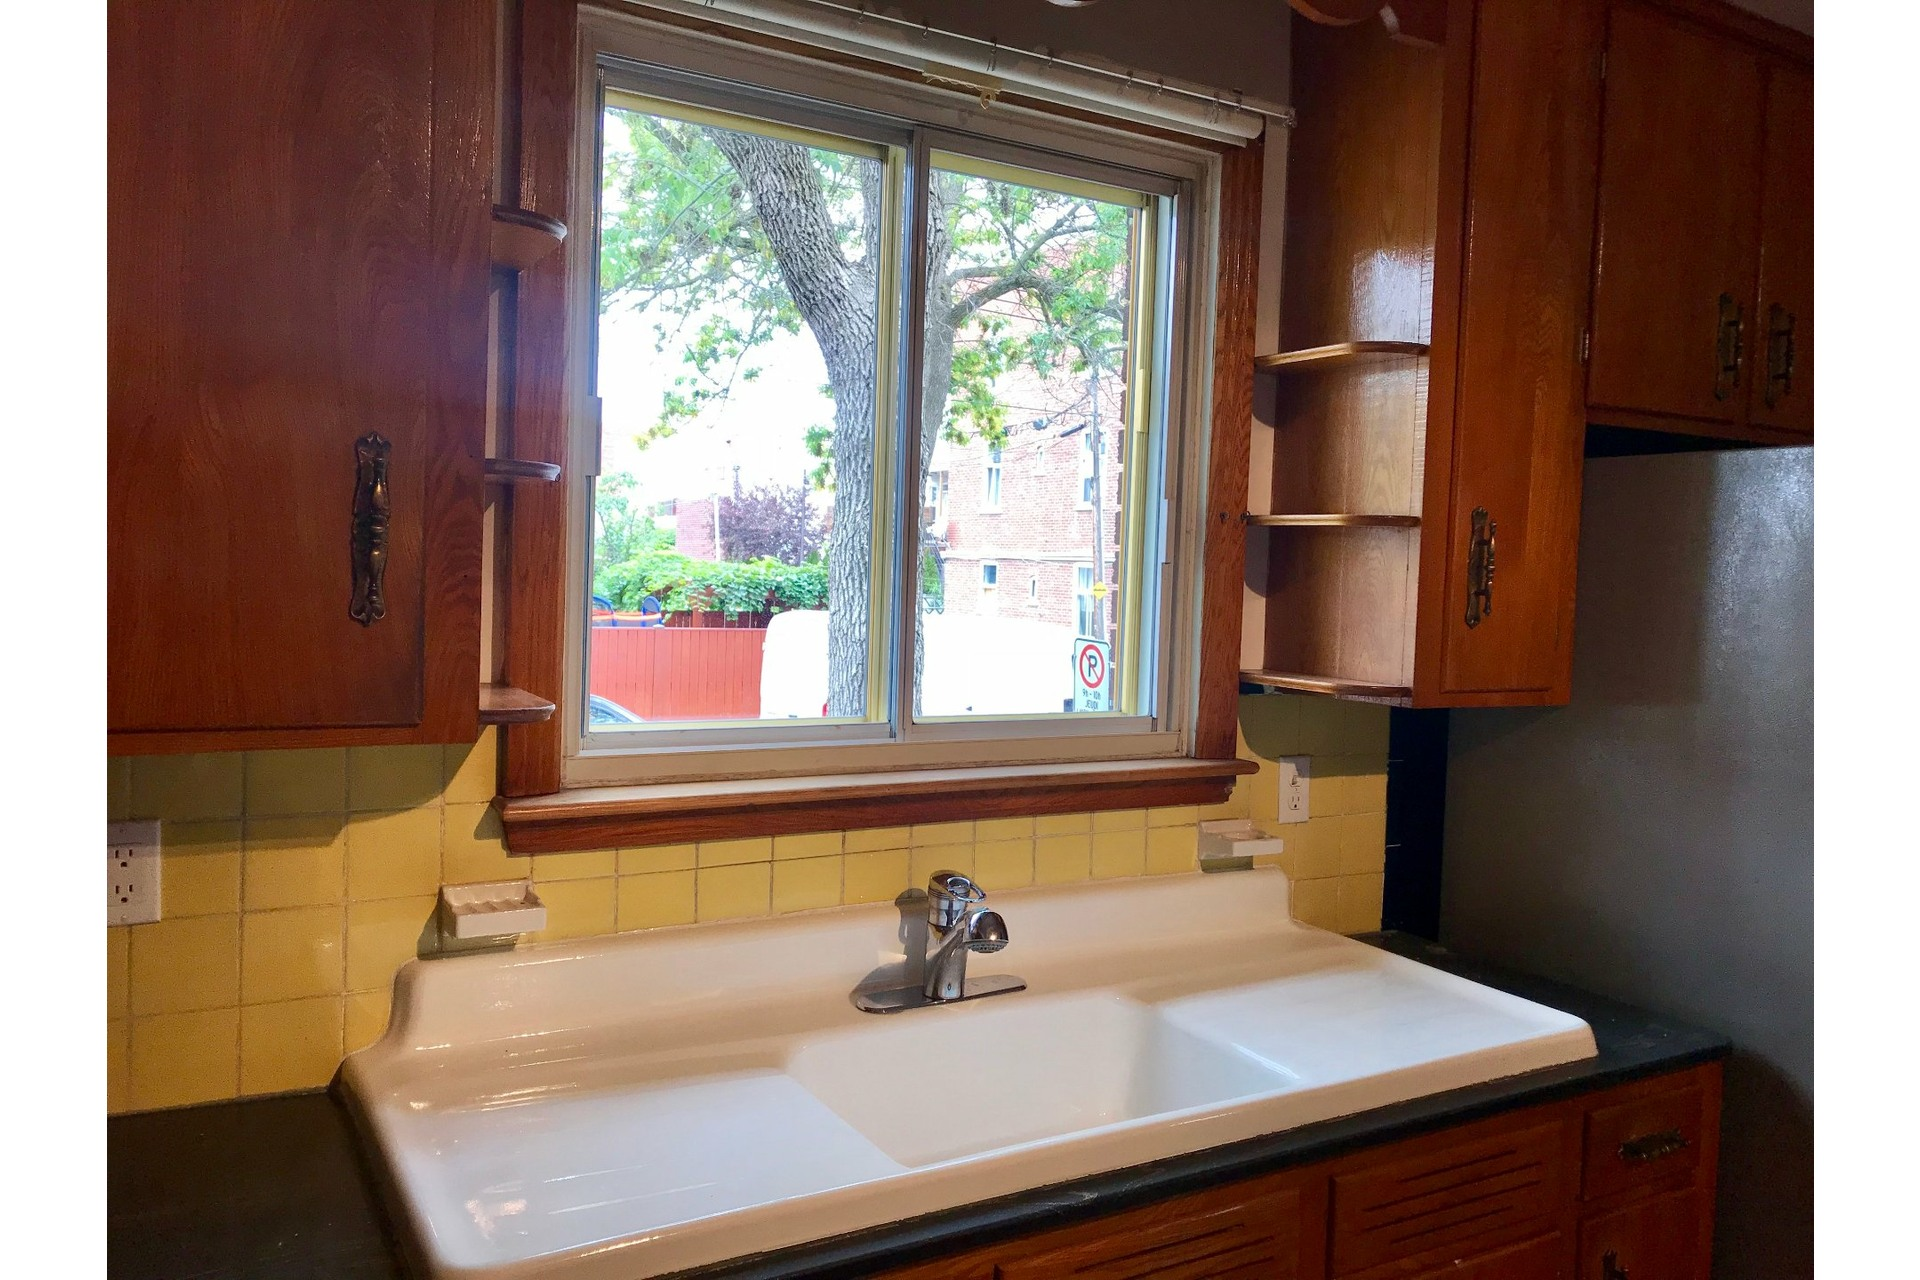 image 7 - Apartment For rent Villeray/Saint-Michel/Parc-Extension Montréal  - 5 rooms